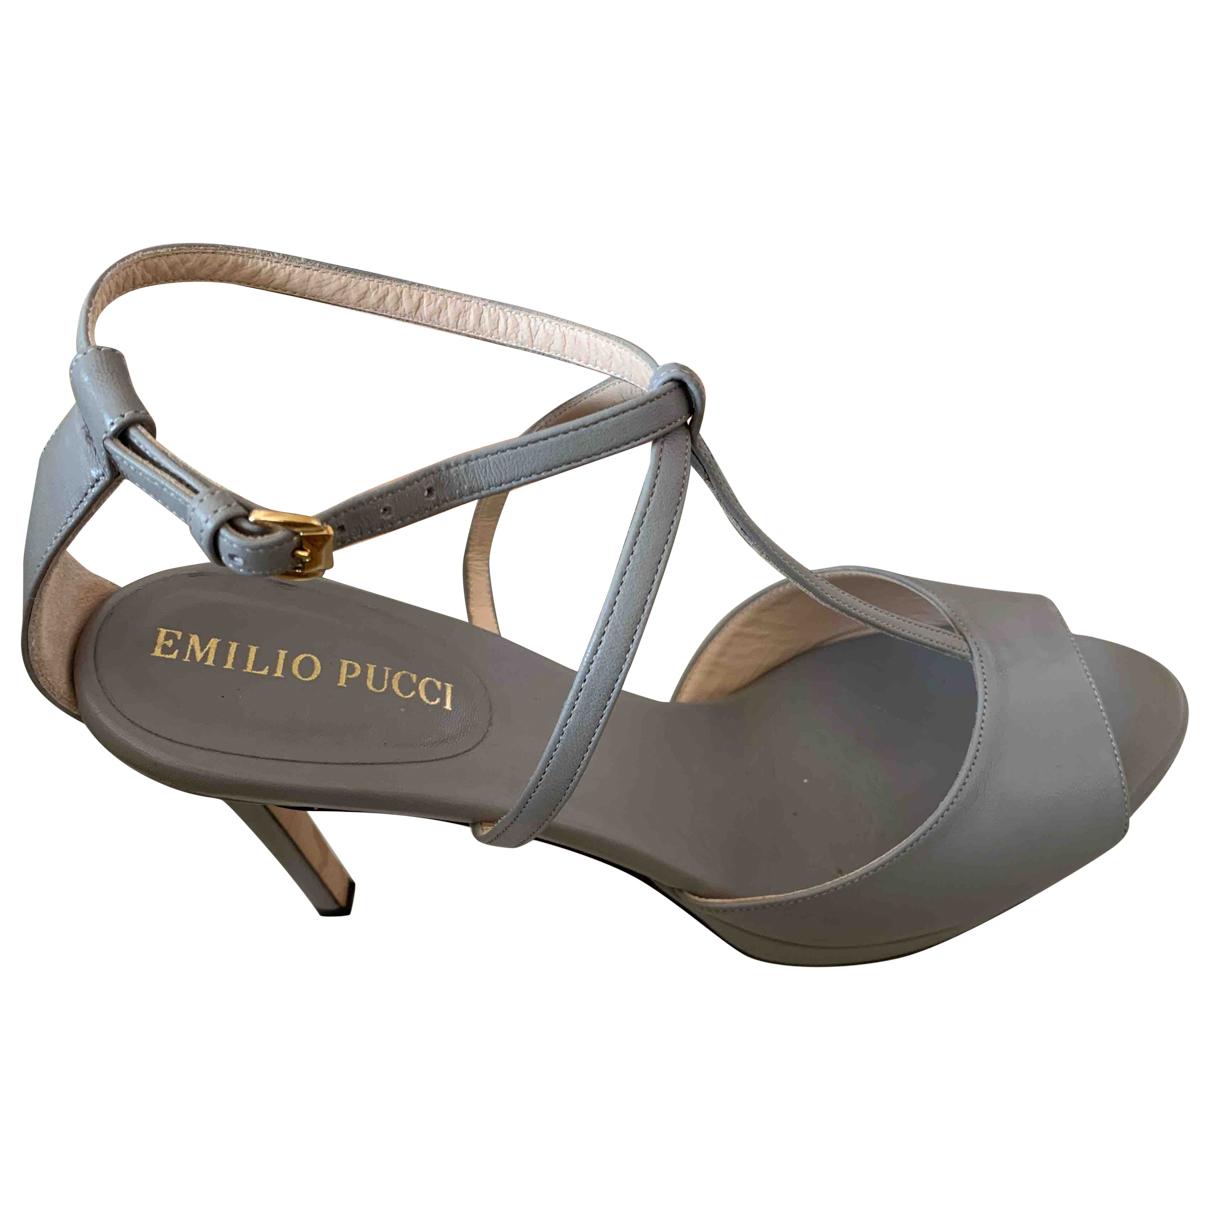 Sandalias de Cuero Emilio Pucci